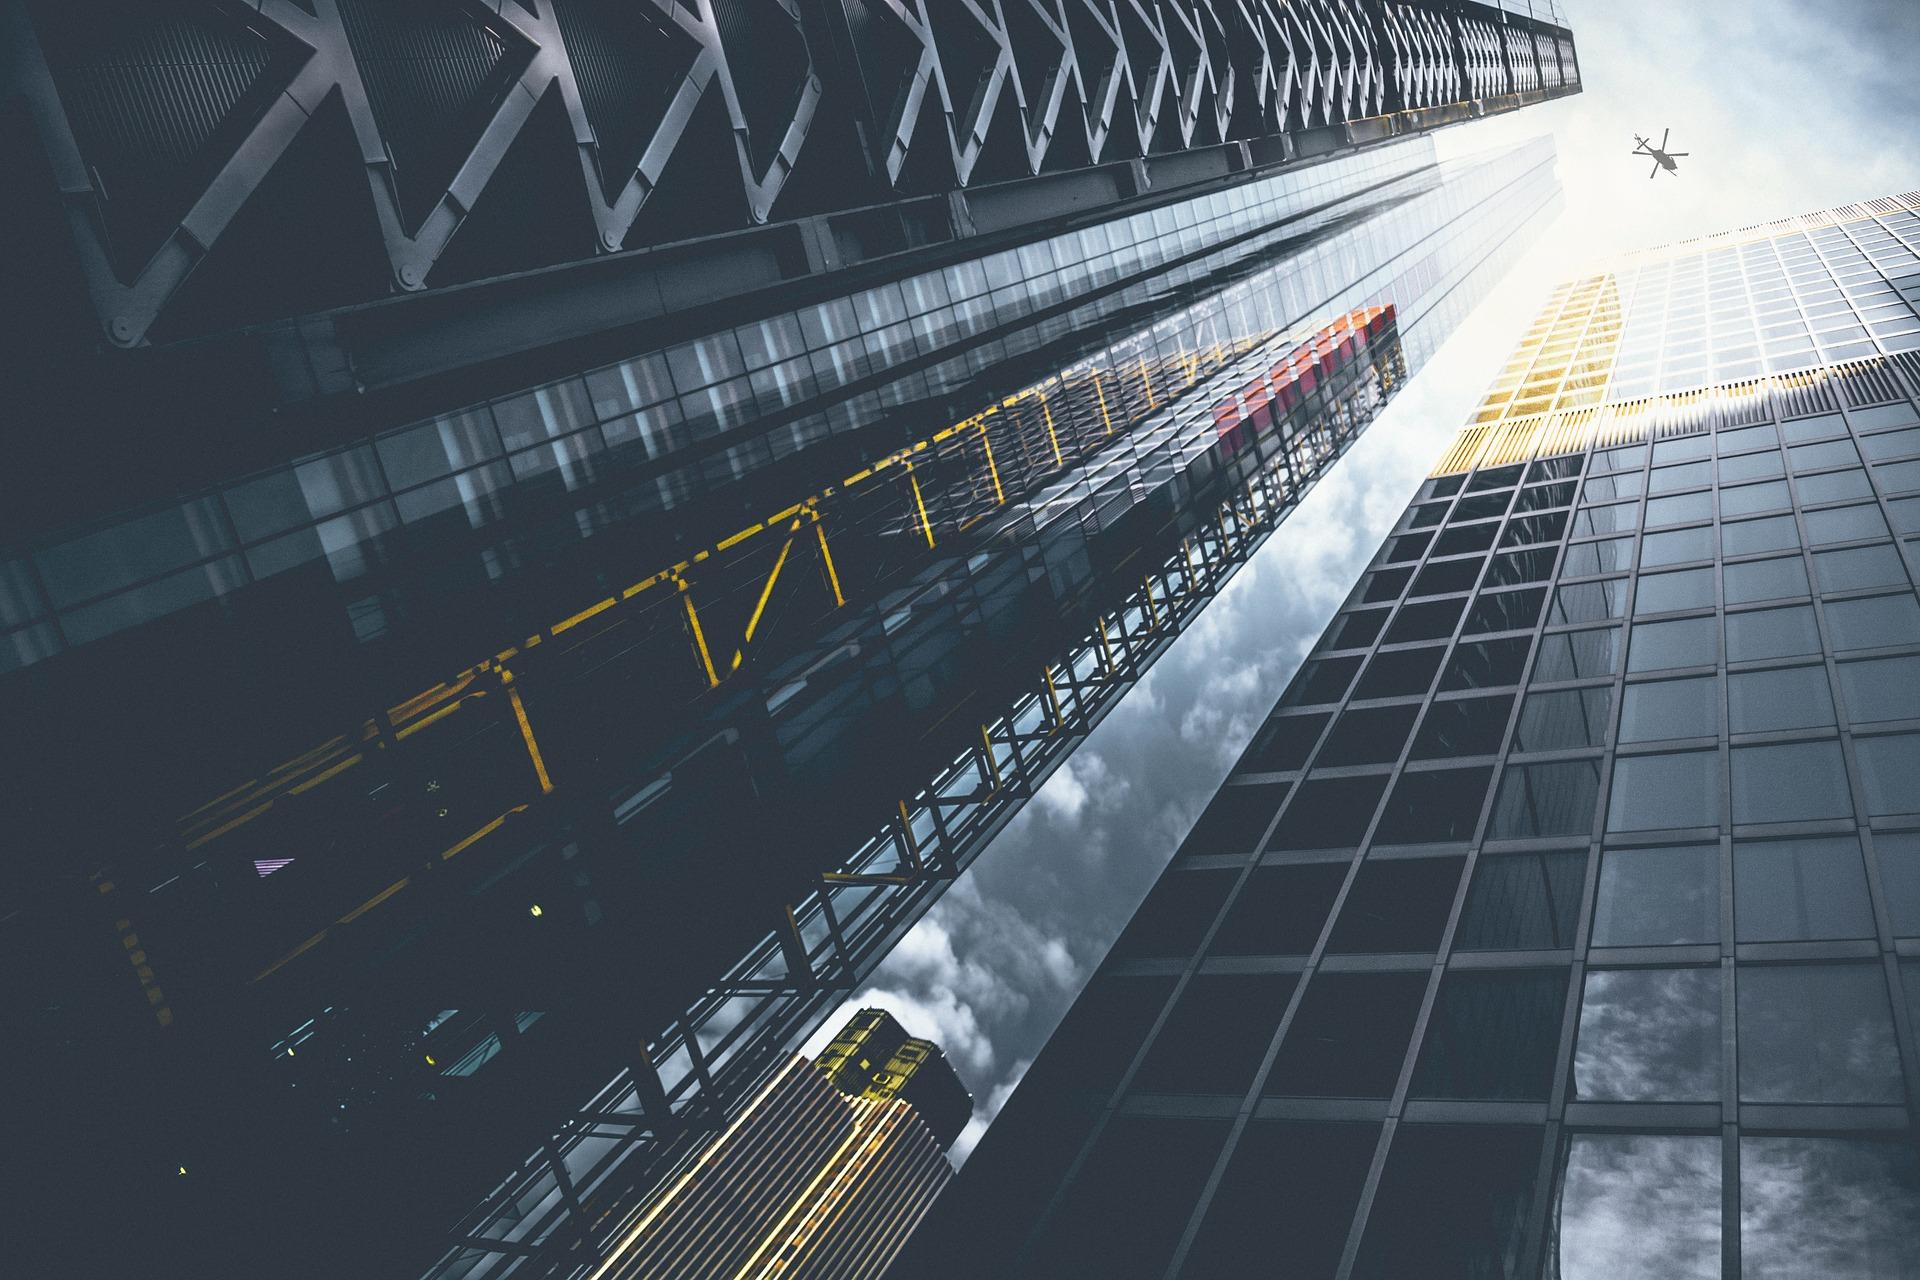 Skyscrapers 1210010 1920